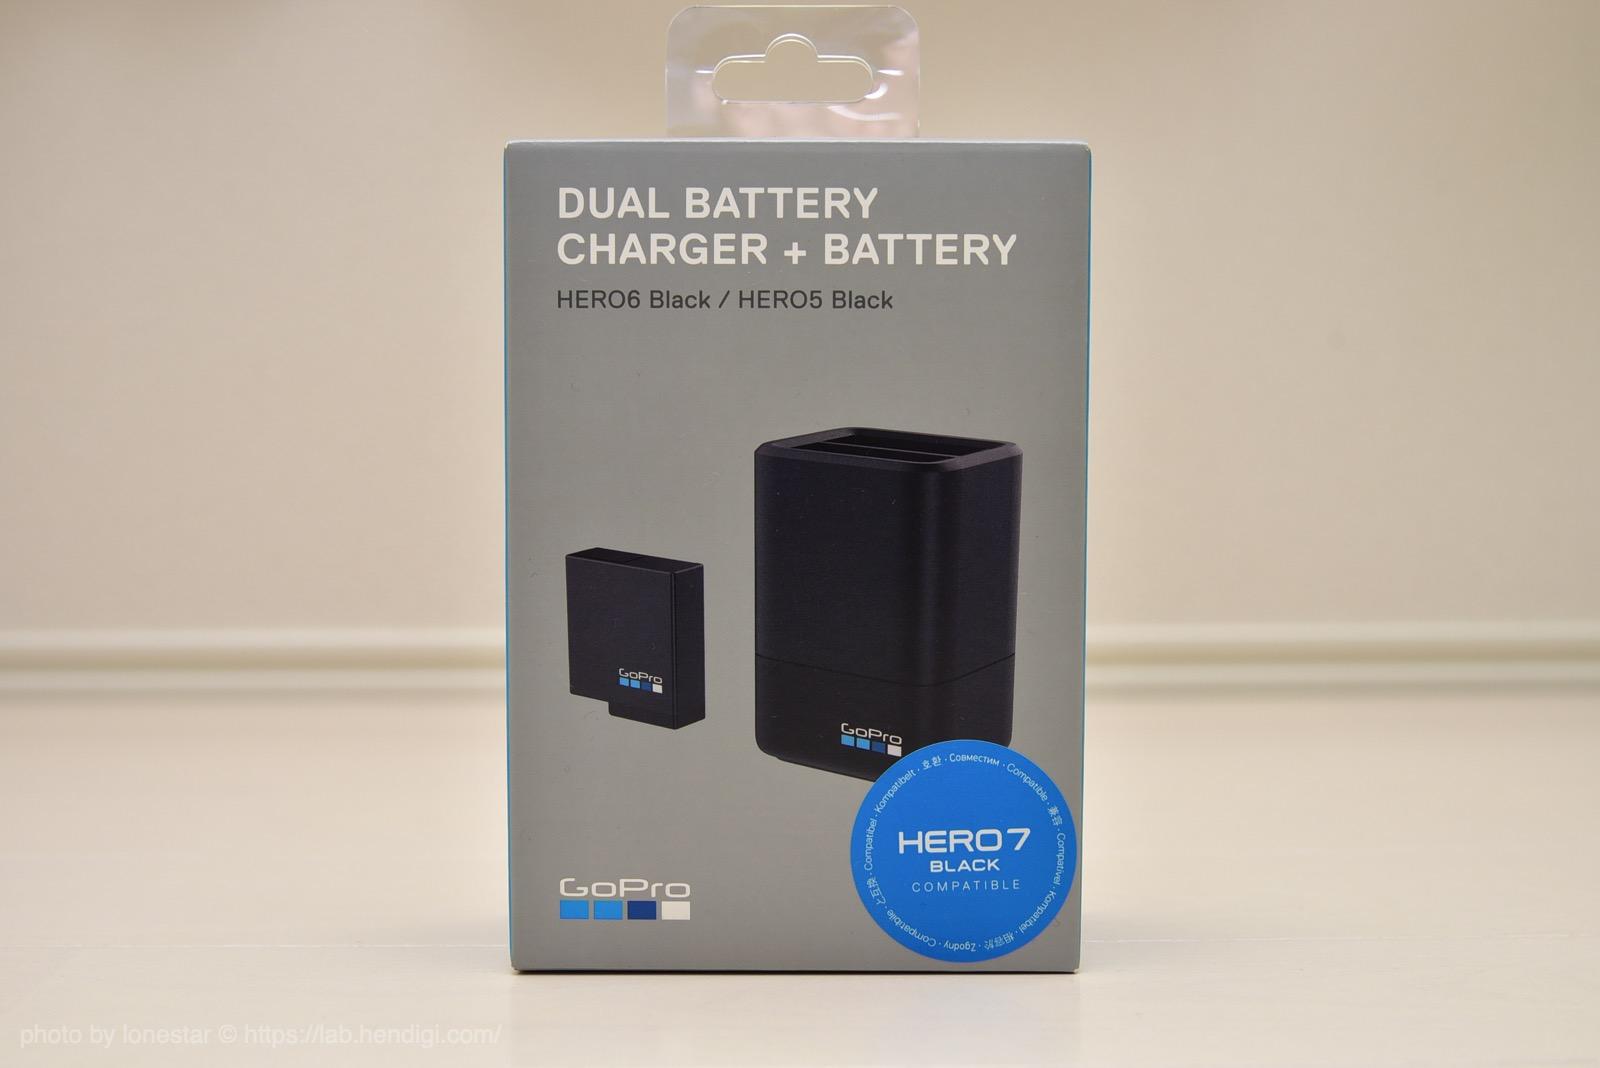 GoPro 充電器 レビュー